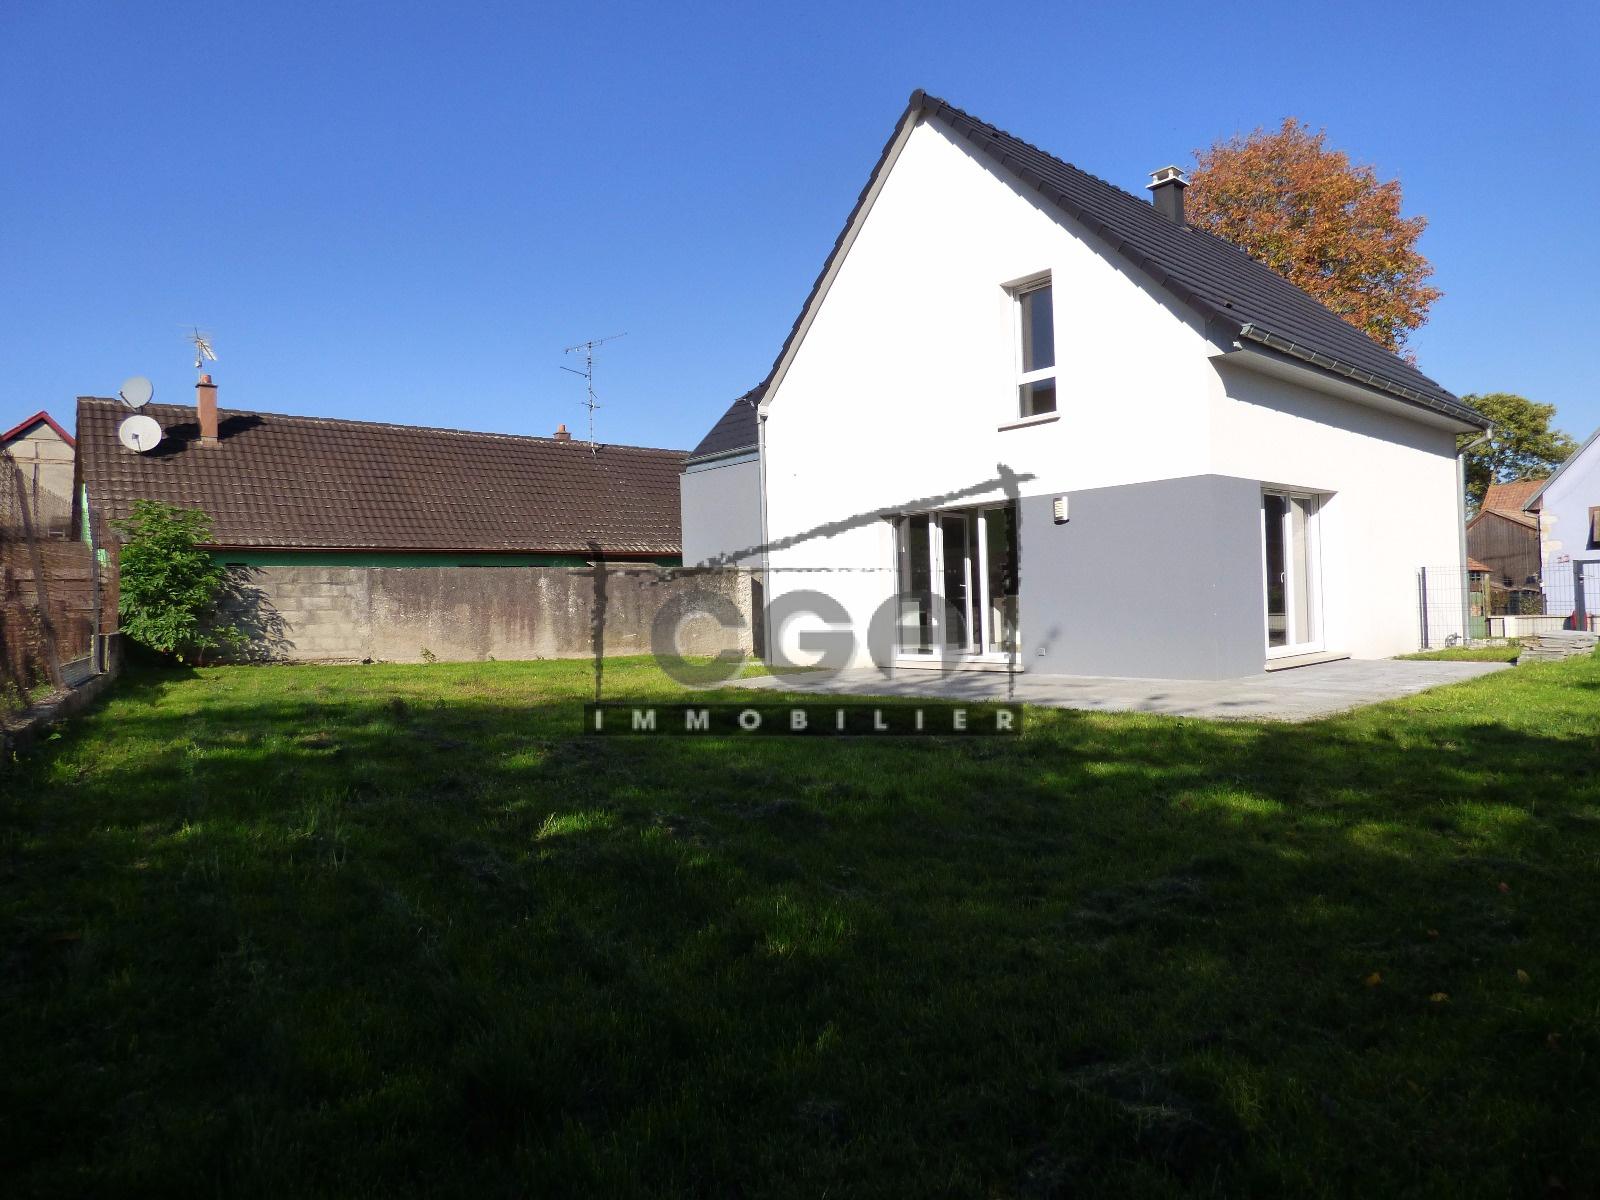 Offres de vente Maison Bantzenheim 68490